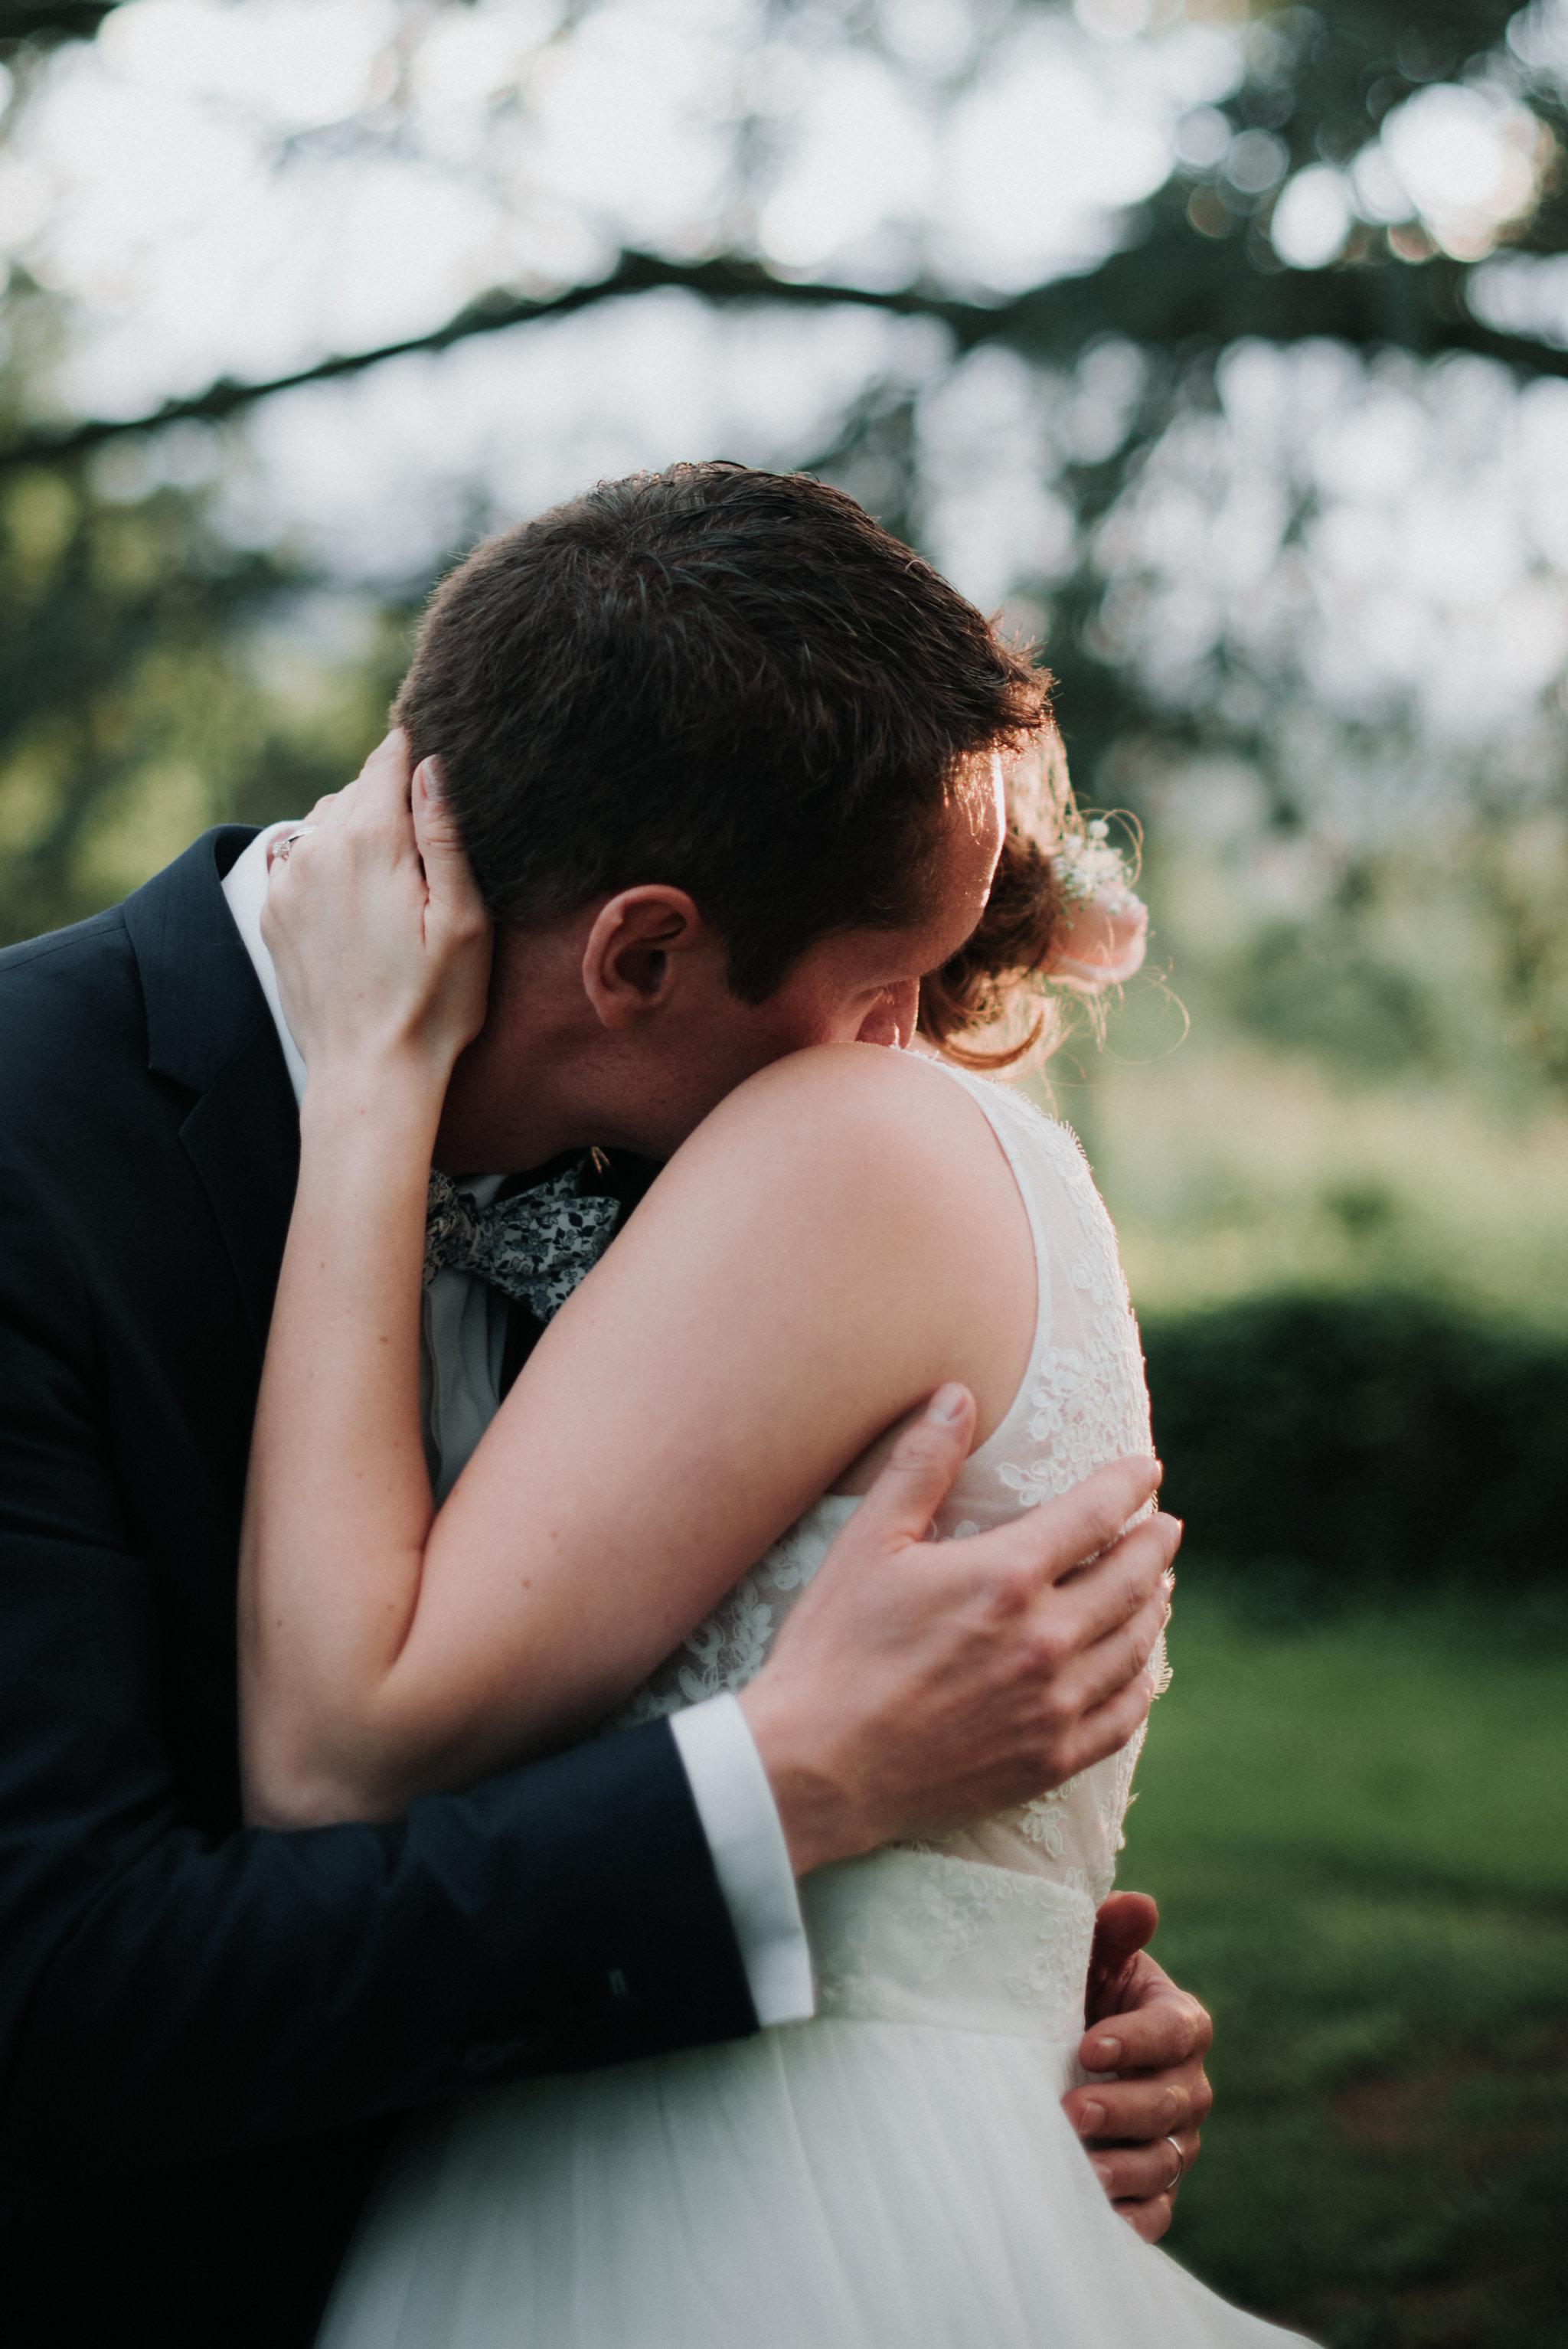 Léa-Fery-photographe-professionnel-lyon-rhone-alpes-portrait-creation-mariage-evenement-evenementiel-famille-3074.jpg